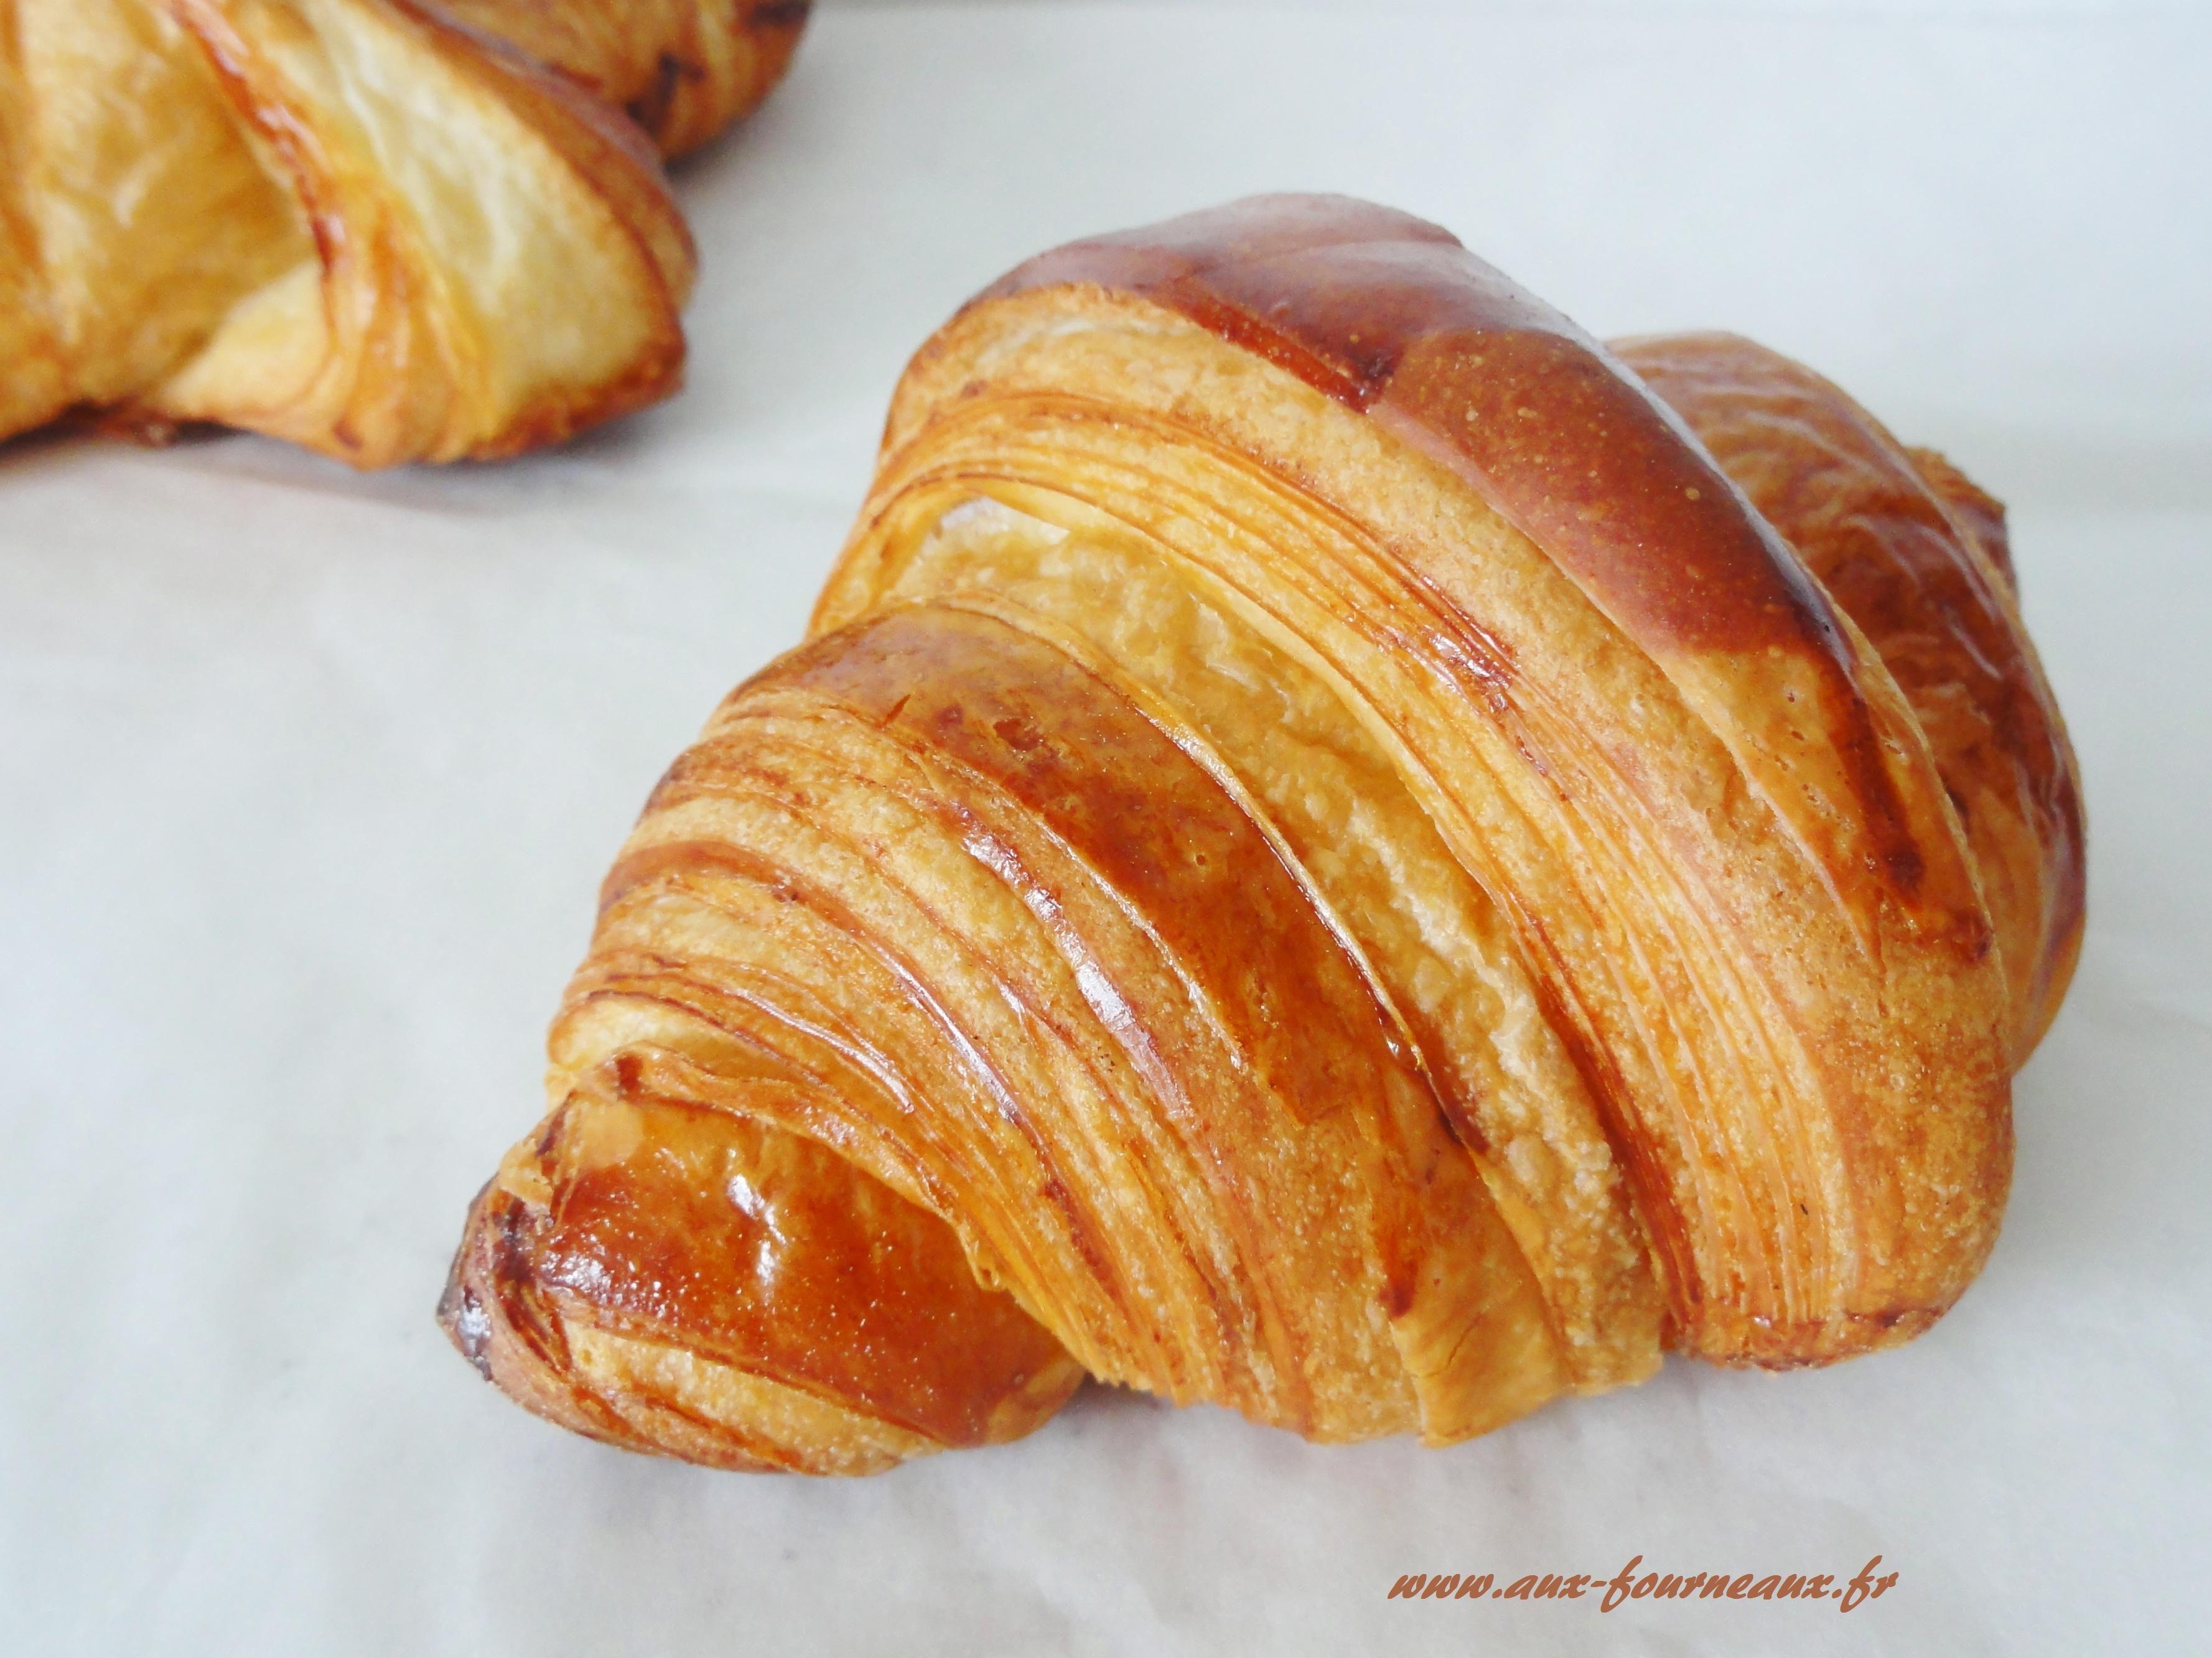 recette du croissant au beurre recette croissants et. Black Bedroom Furniture Sets. Home Design Ideas